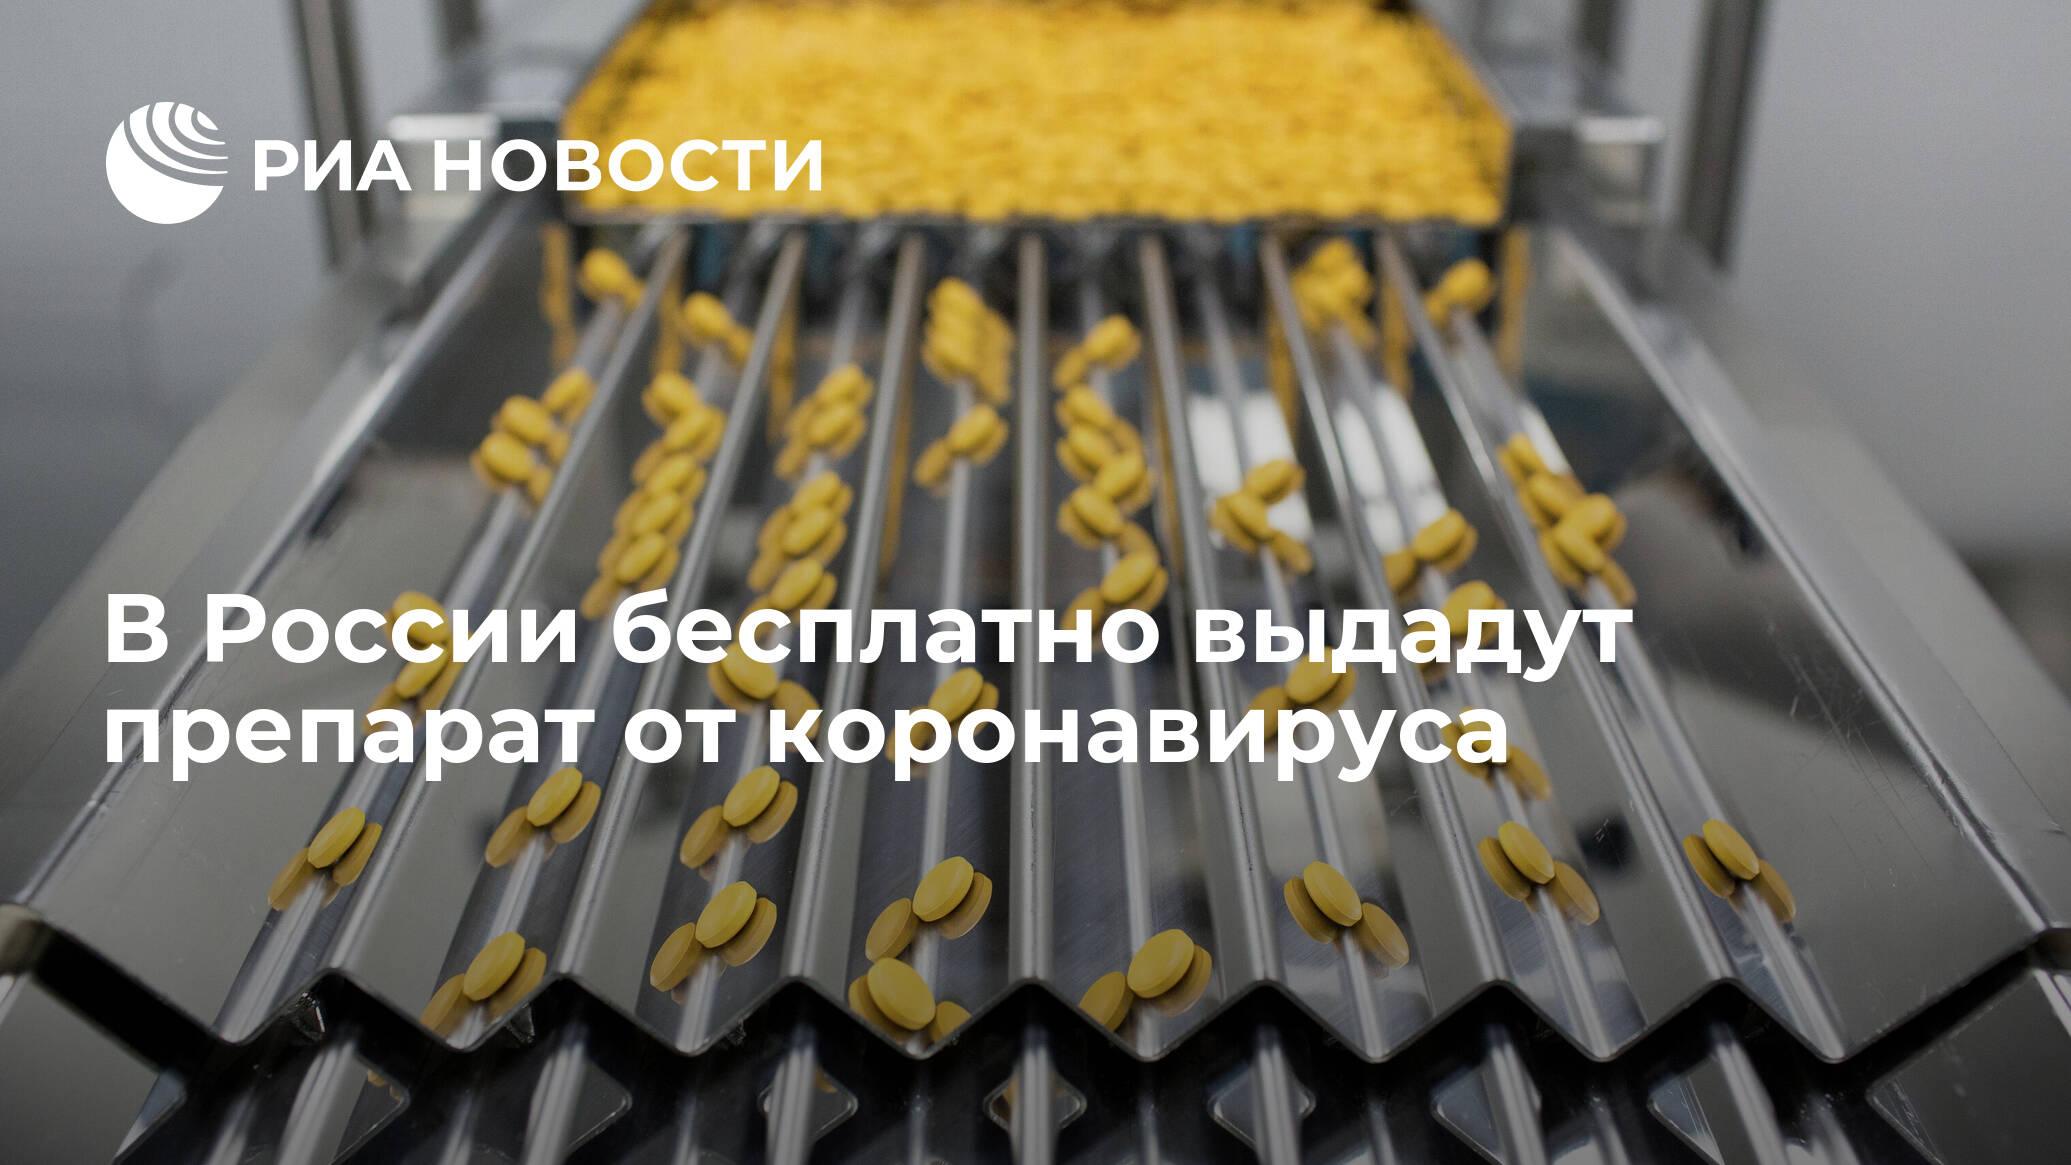 В России бесплатно выдадут препарат от коронавируса